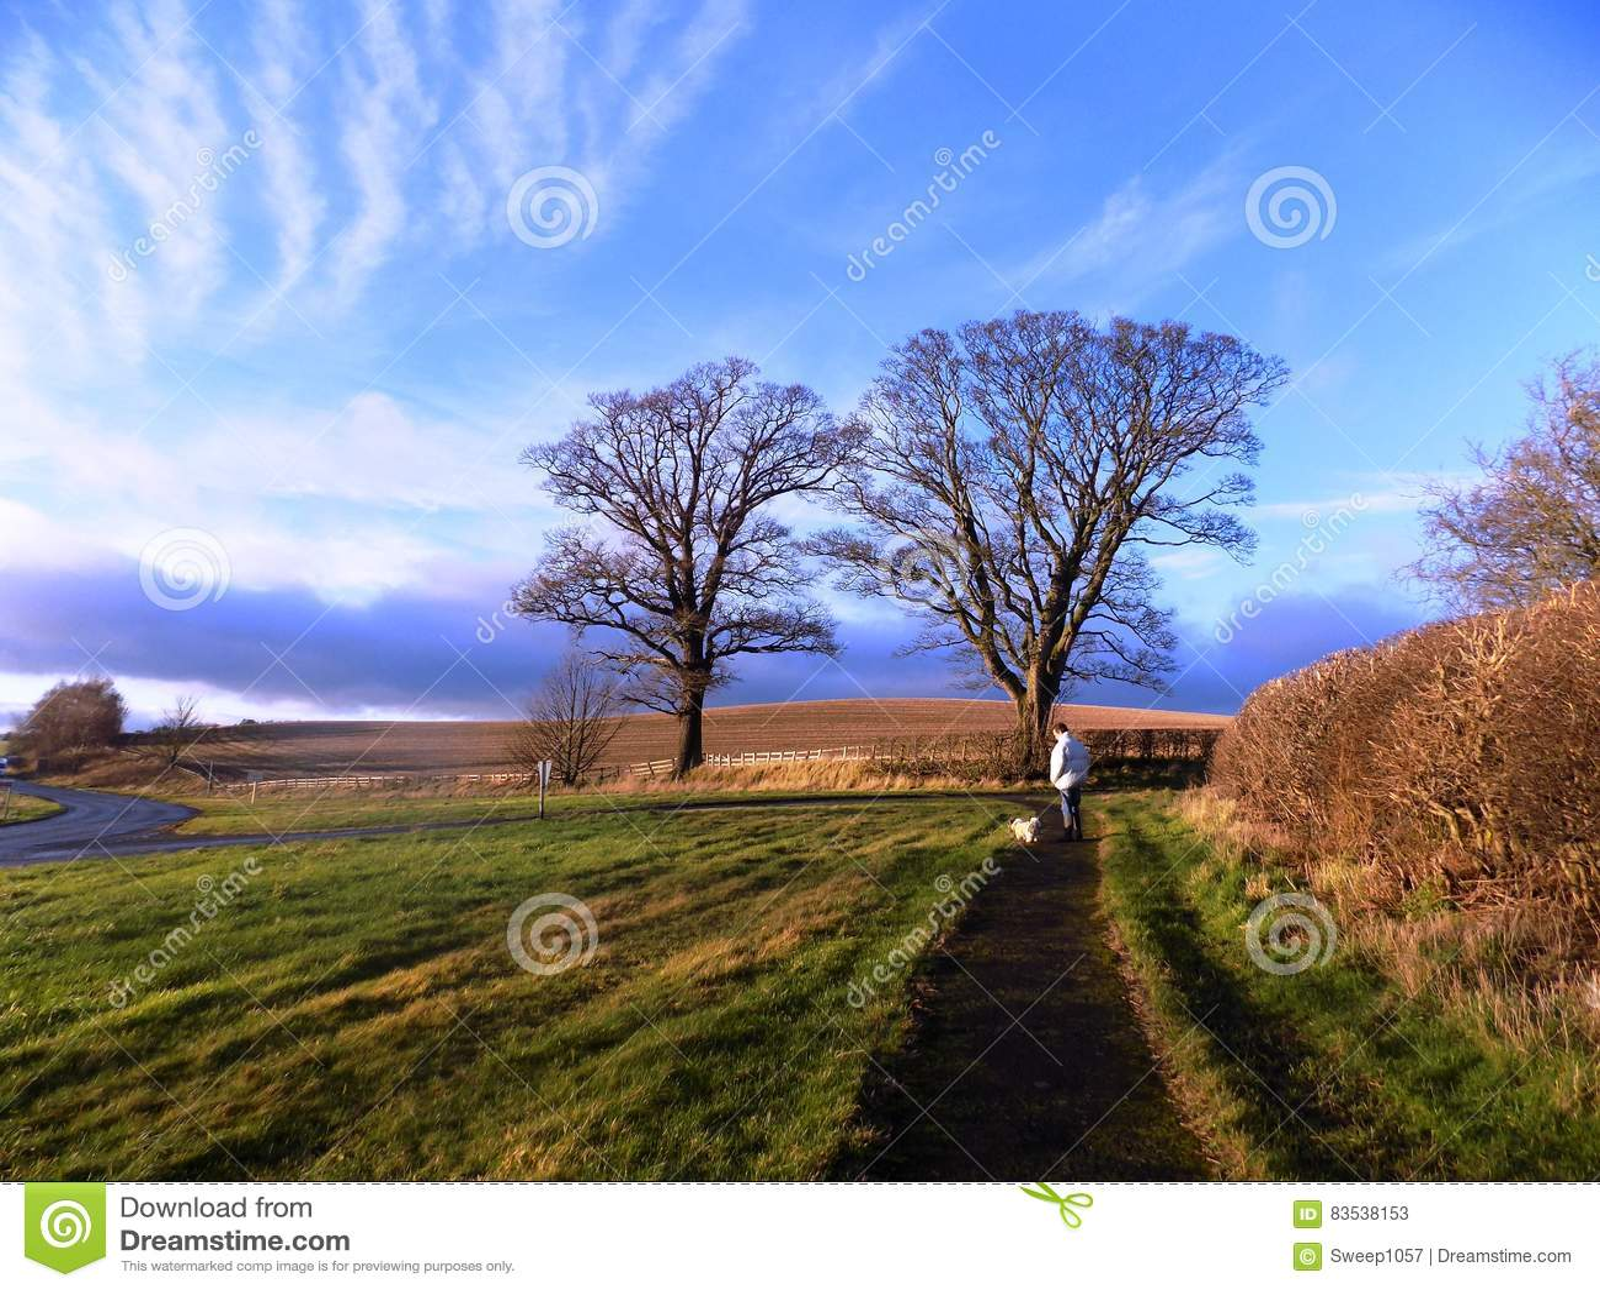 Деревья и загородка, в северном Нортумберленде, Англия Великобритания